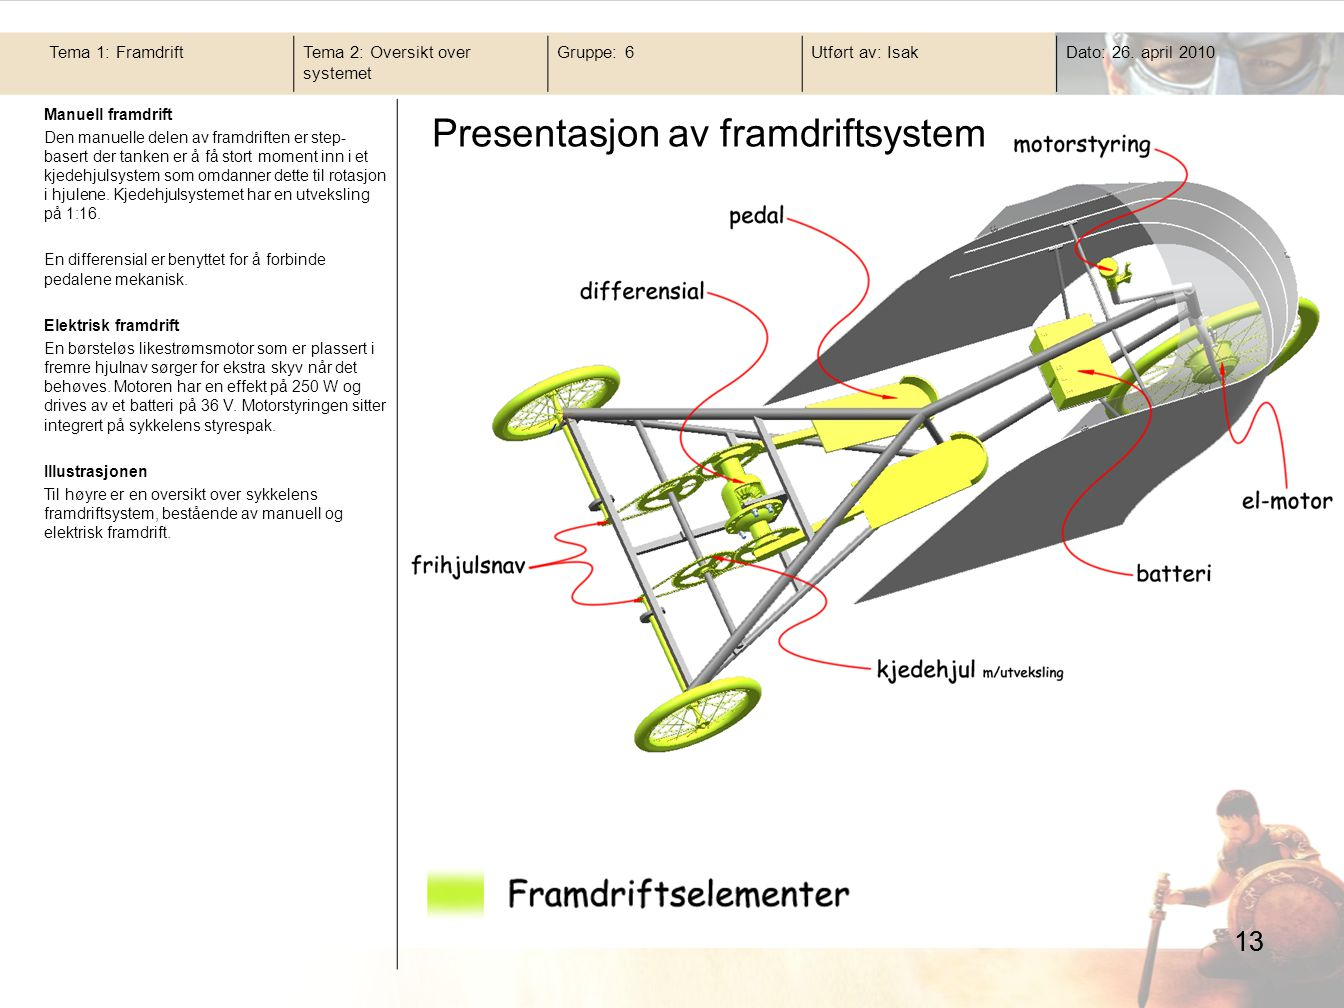 Manuell framdrift Den manuelle delen av framdriften er step- basert der tanken er å få stort moment inn i et kjedehjulsystem som omdanner dette til ro